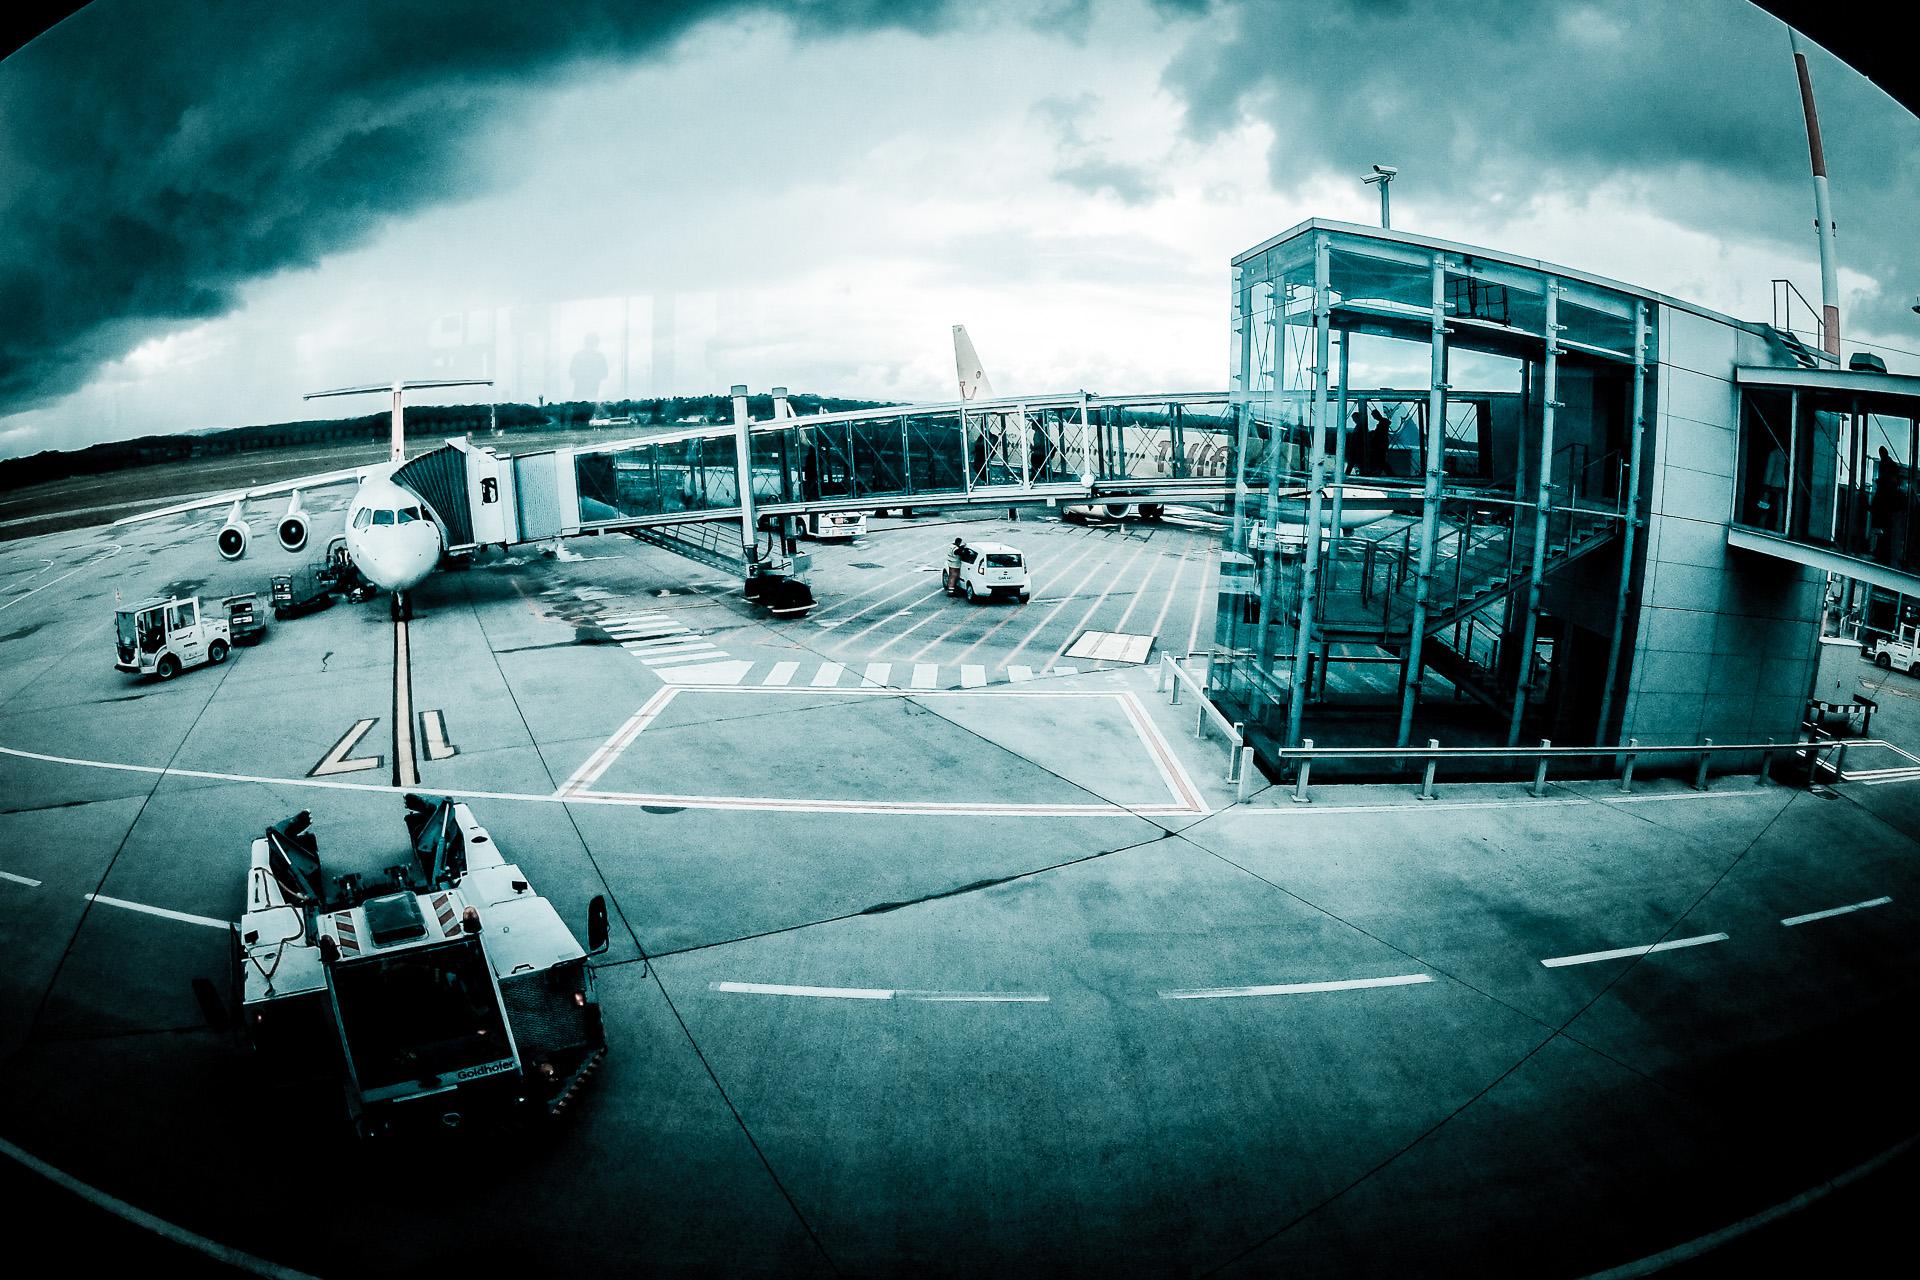 Prague Airport, Czech Republic